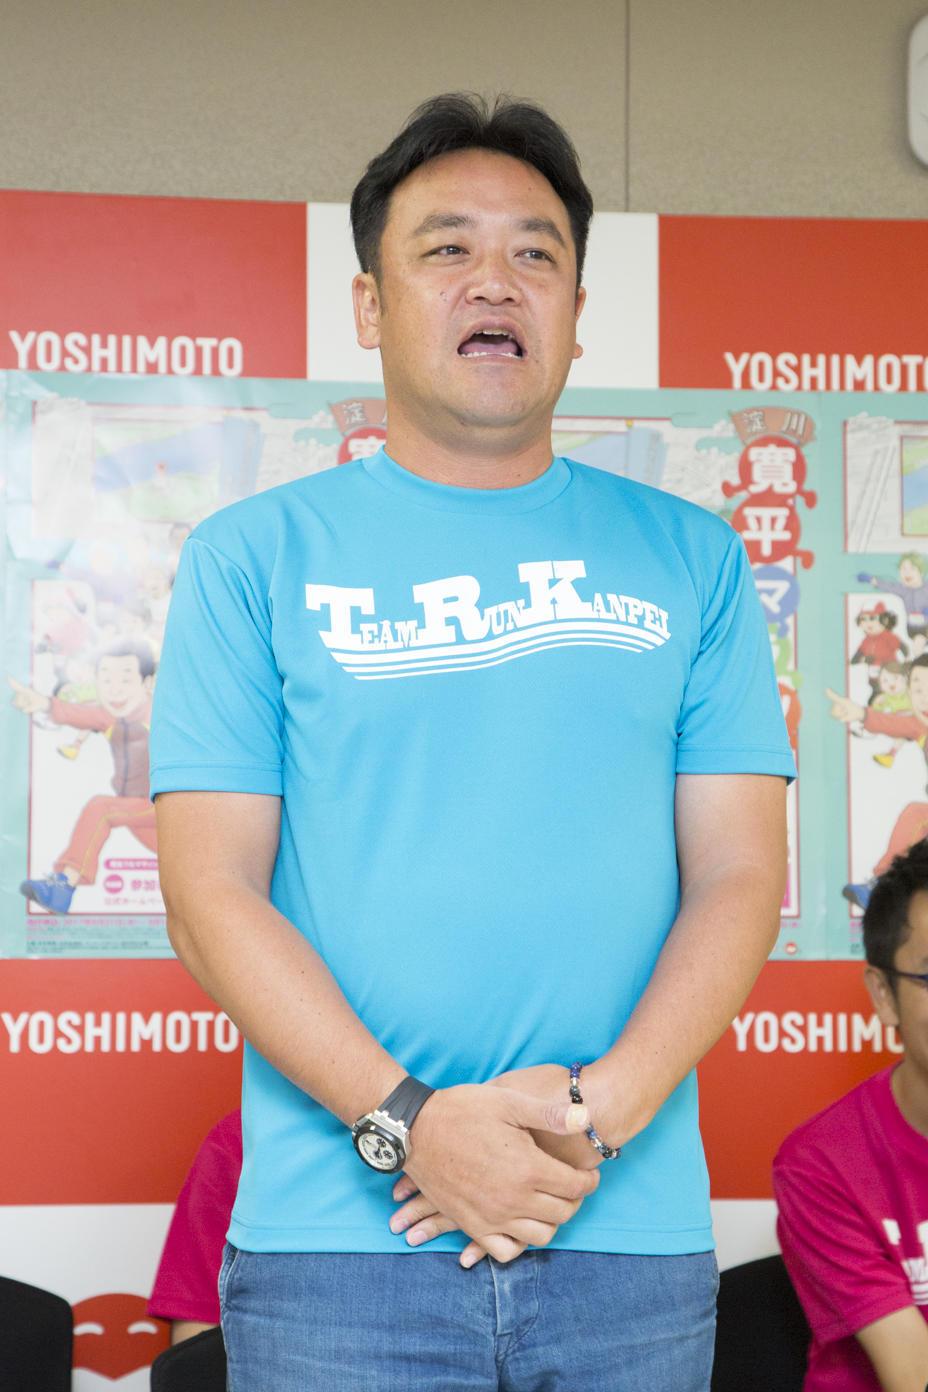 http://news.yoshimoto.co.jp/20170830175449-5e8903c9b3d89022d3f2b64c8669ebeb9c2d2796.jpg